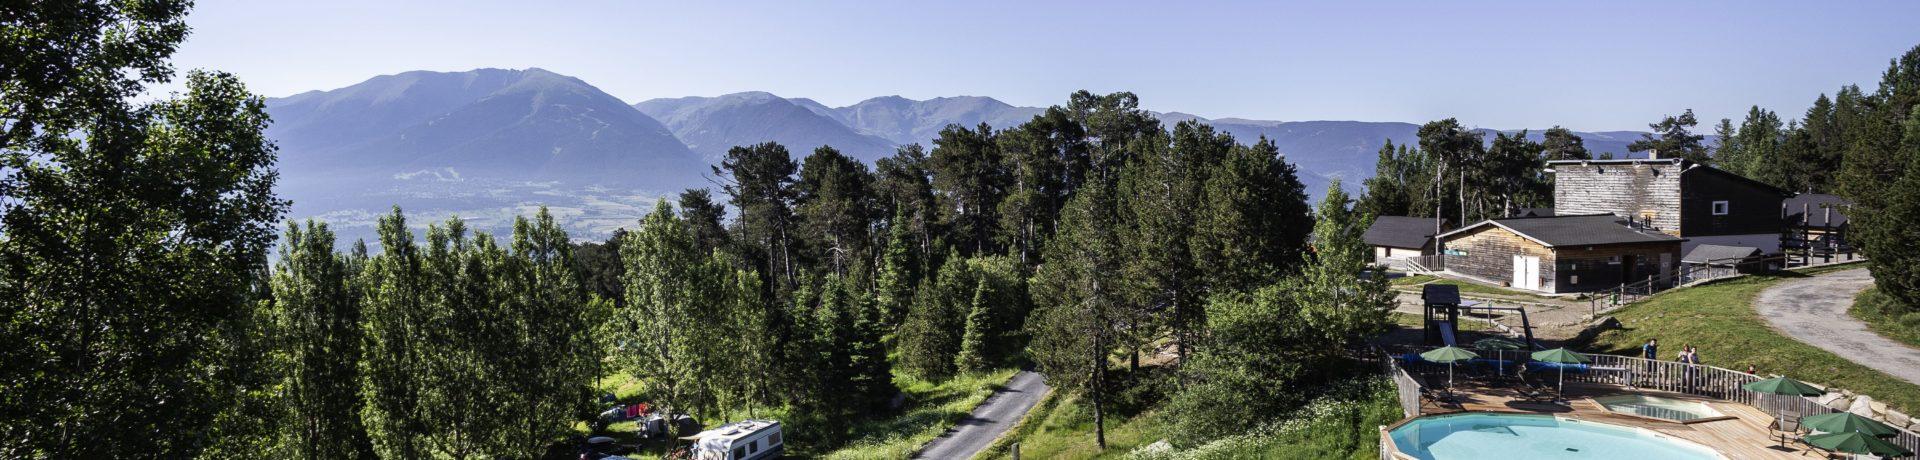 Camping Huttopia Font-Romeu in Font-Romeu is een natuurcamping in Occitanië gelegen in de bergen midden in de Pyrénées-Orientales.